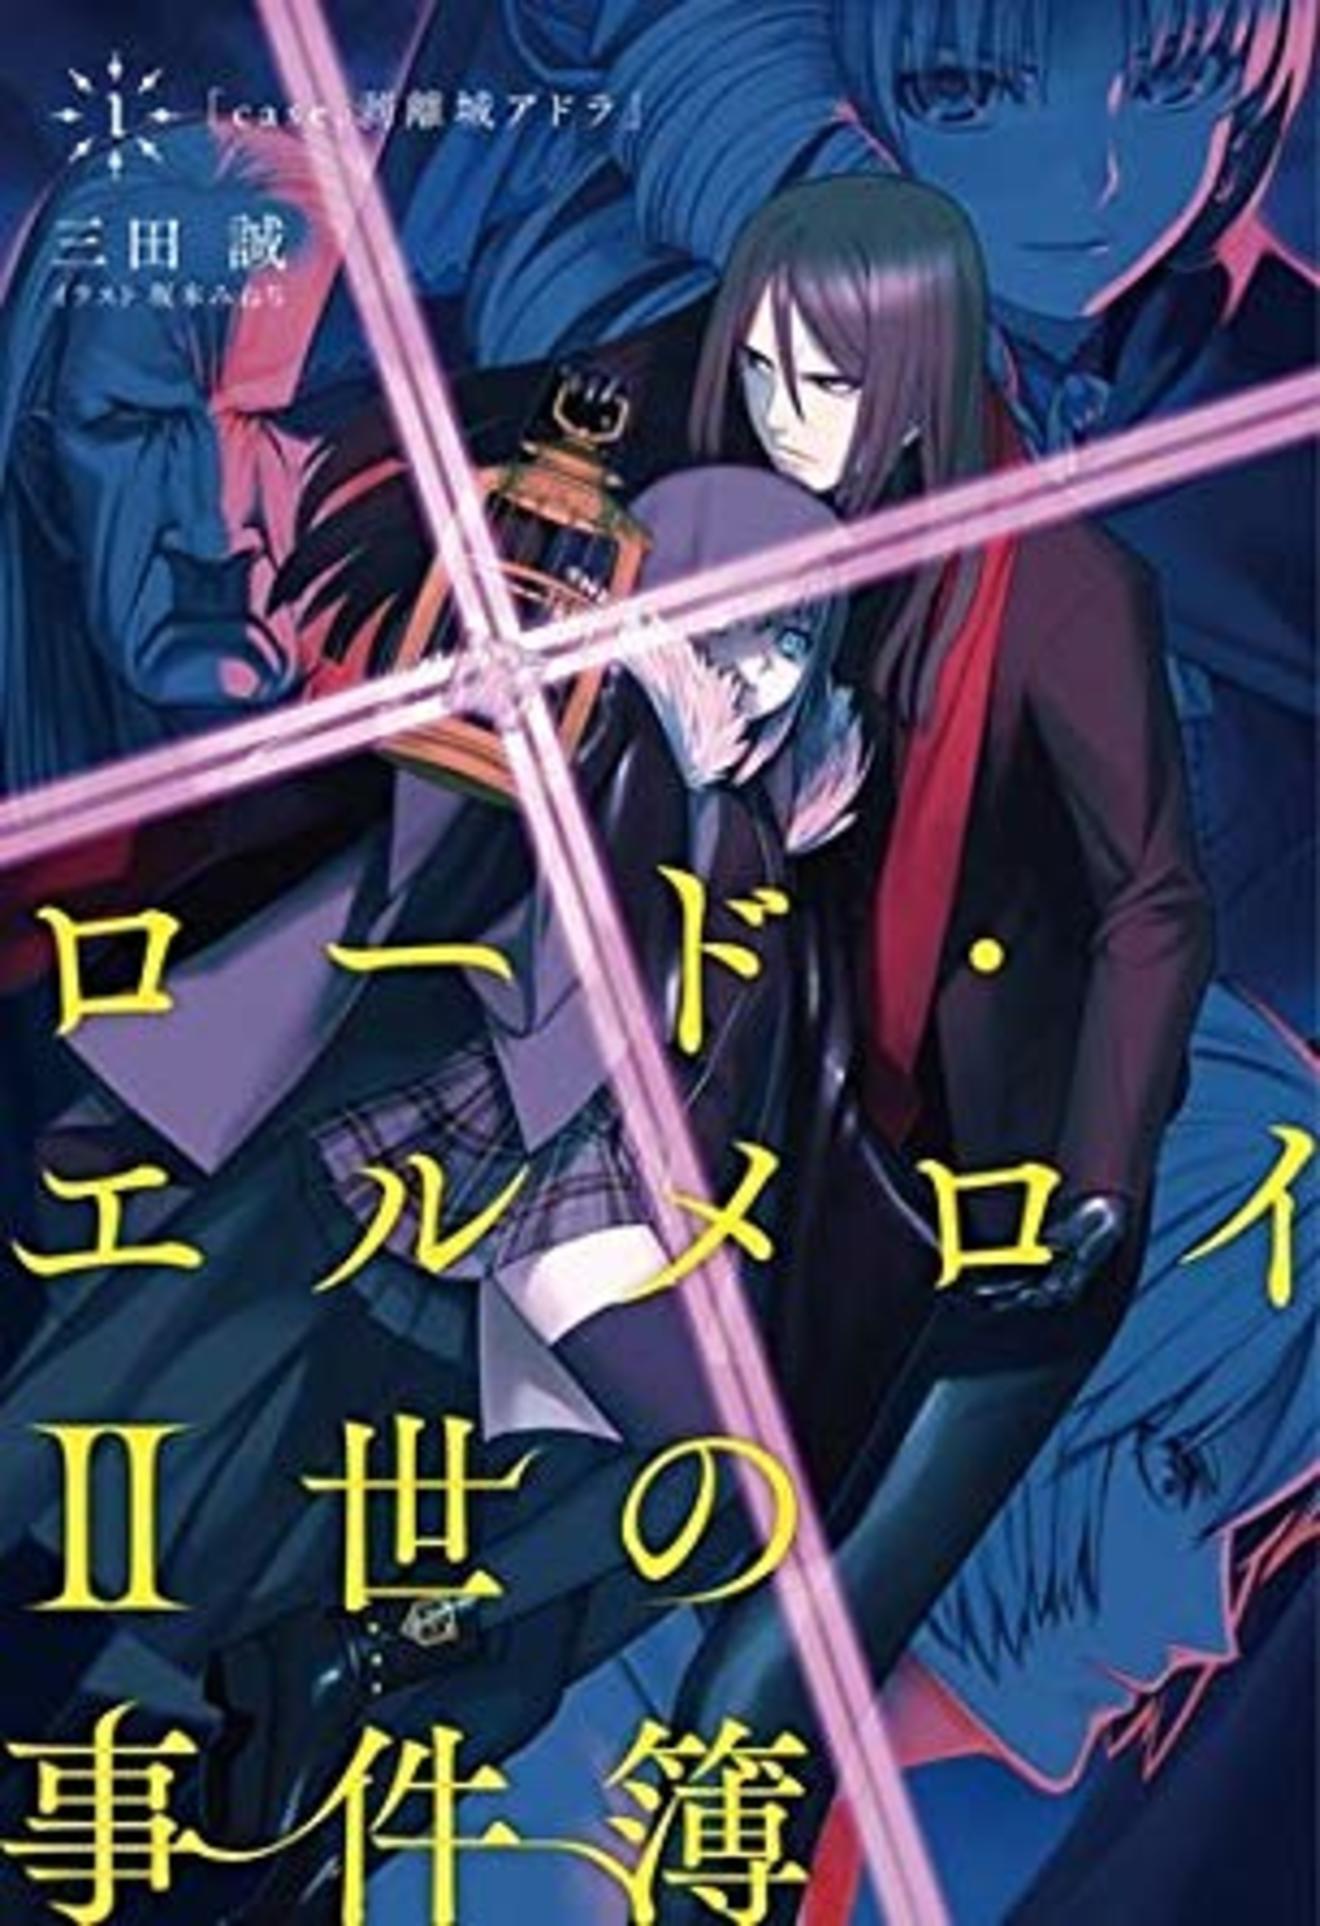 『ロード・エルメロイII世の事件簿』が面白い!アニメ化小説をネタバレ紹介